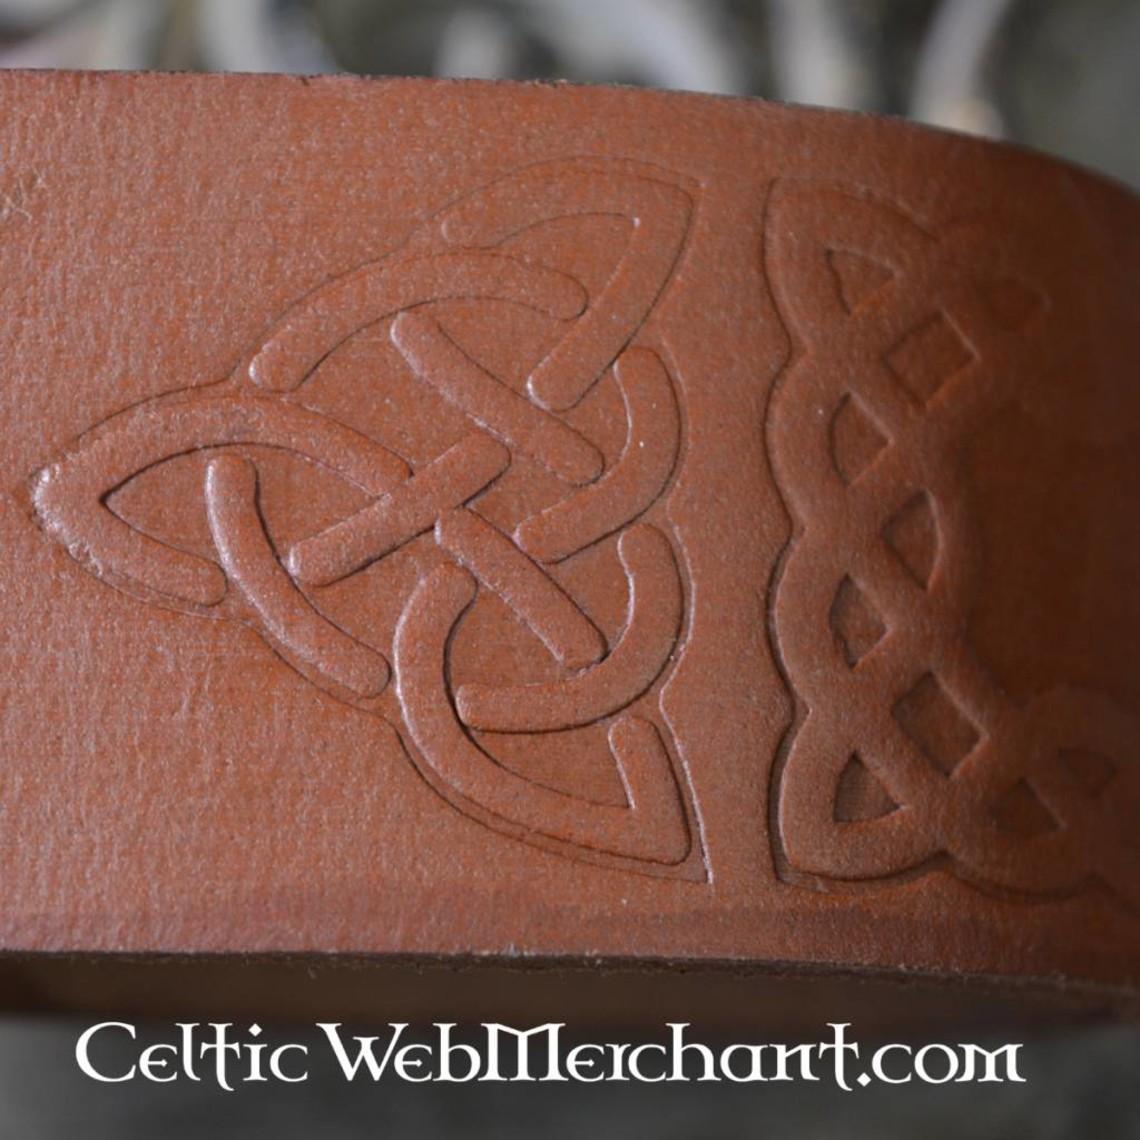 Leonardo Carbone Drinkhoornhouder met Keltische knopen